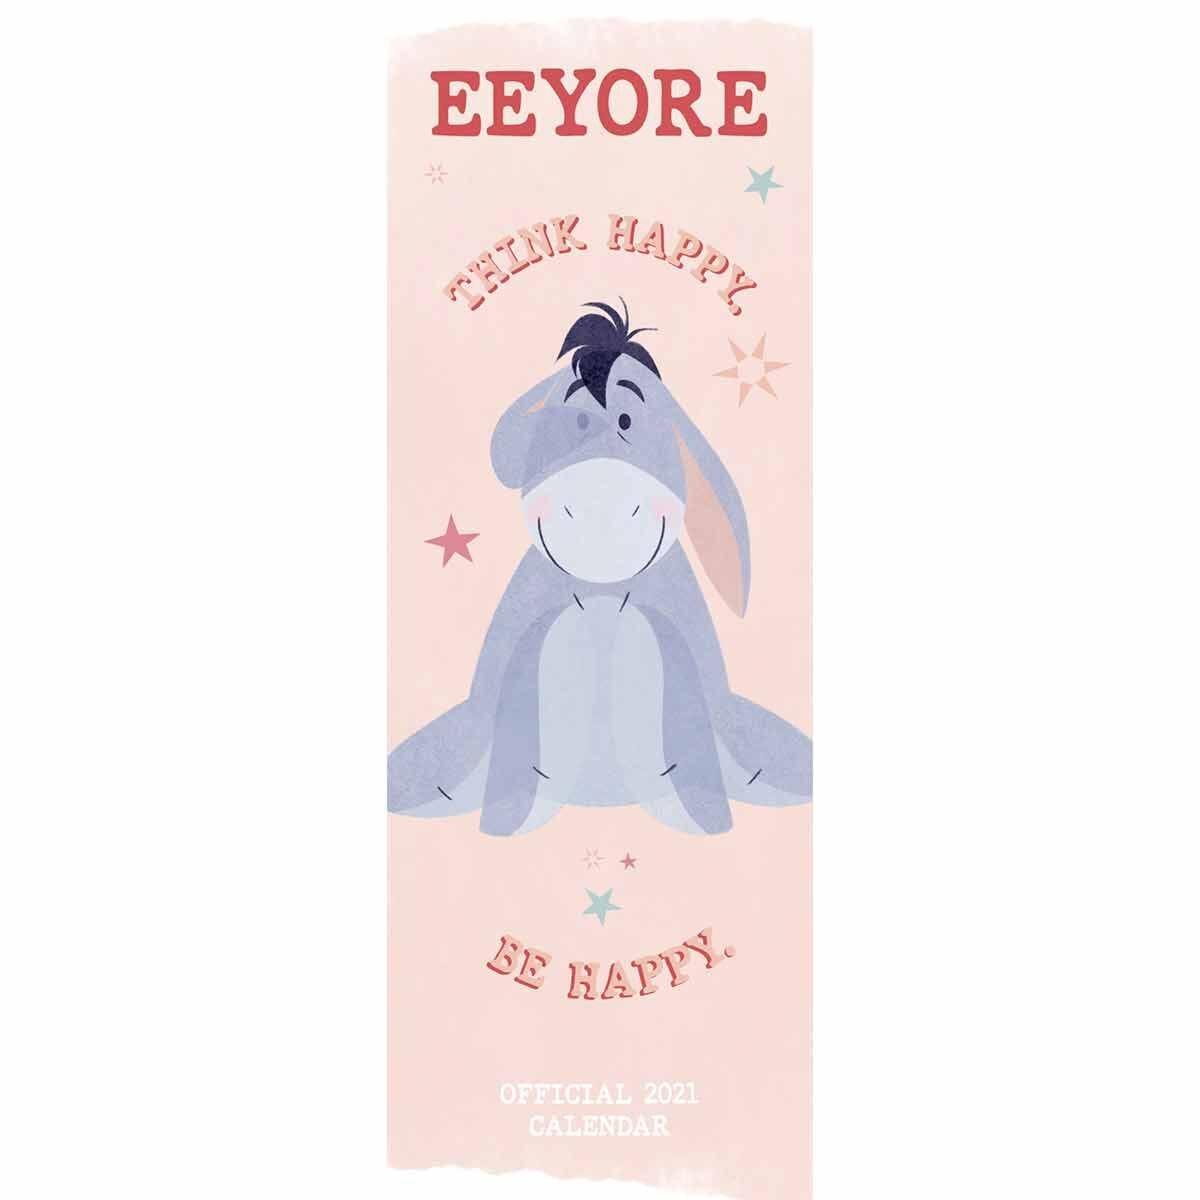 Eeyore Slim Calendar 2021